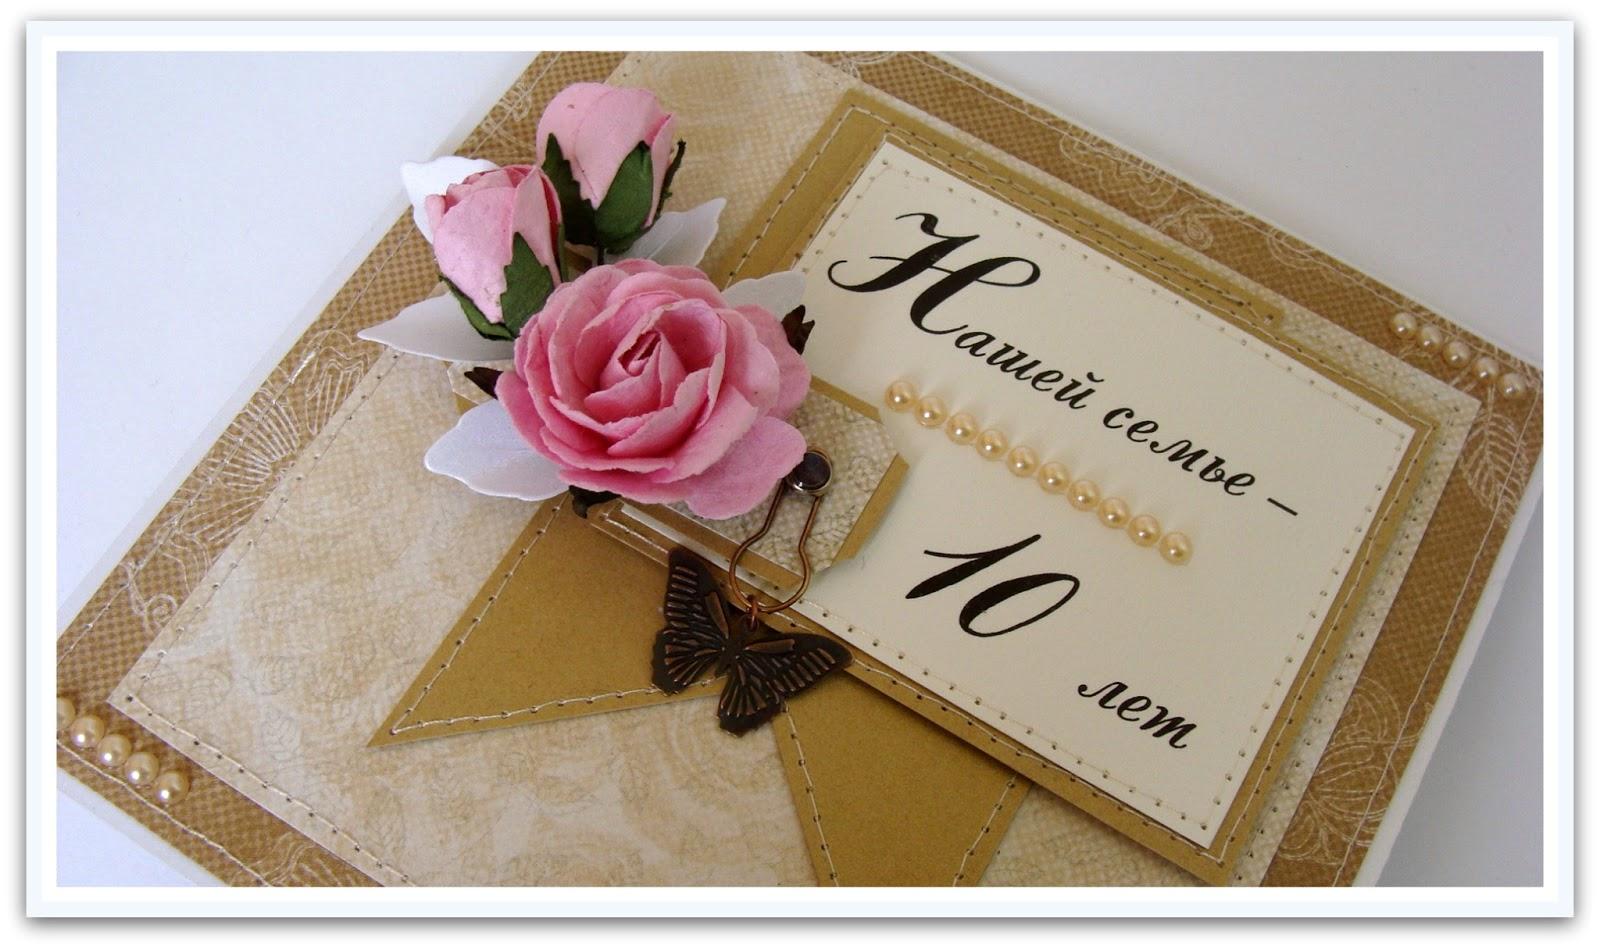 День свадьбы 10 лет поздравления для мужа